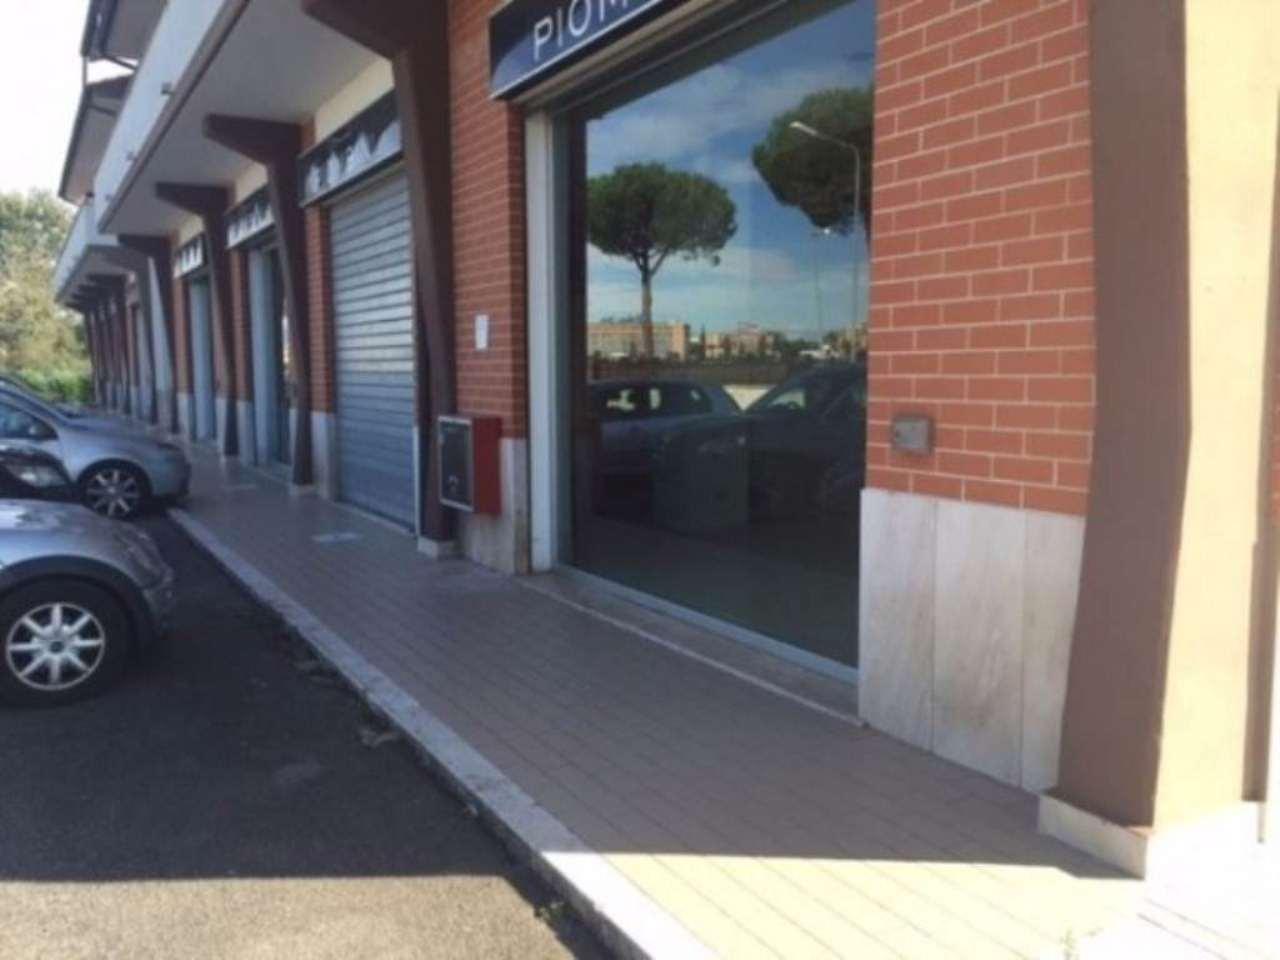 Negozio / Locale in affitto a Fiano Romano, 9999 locali, Trattative riservate | Cambio Casa.it